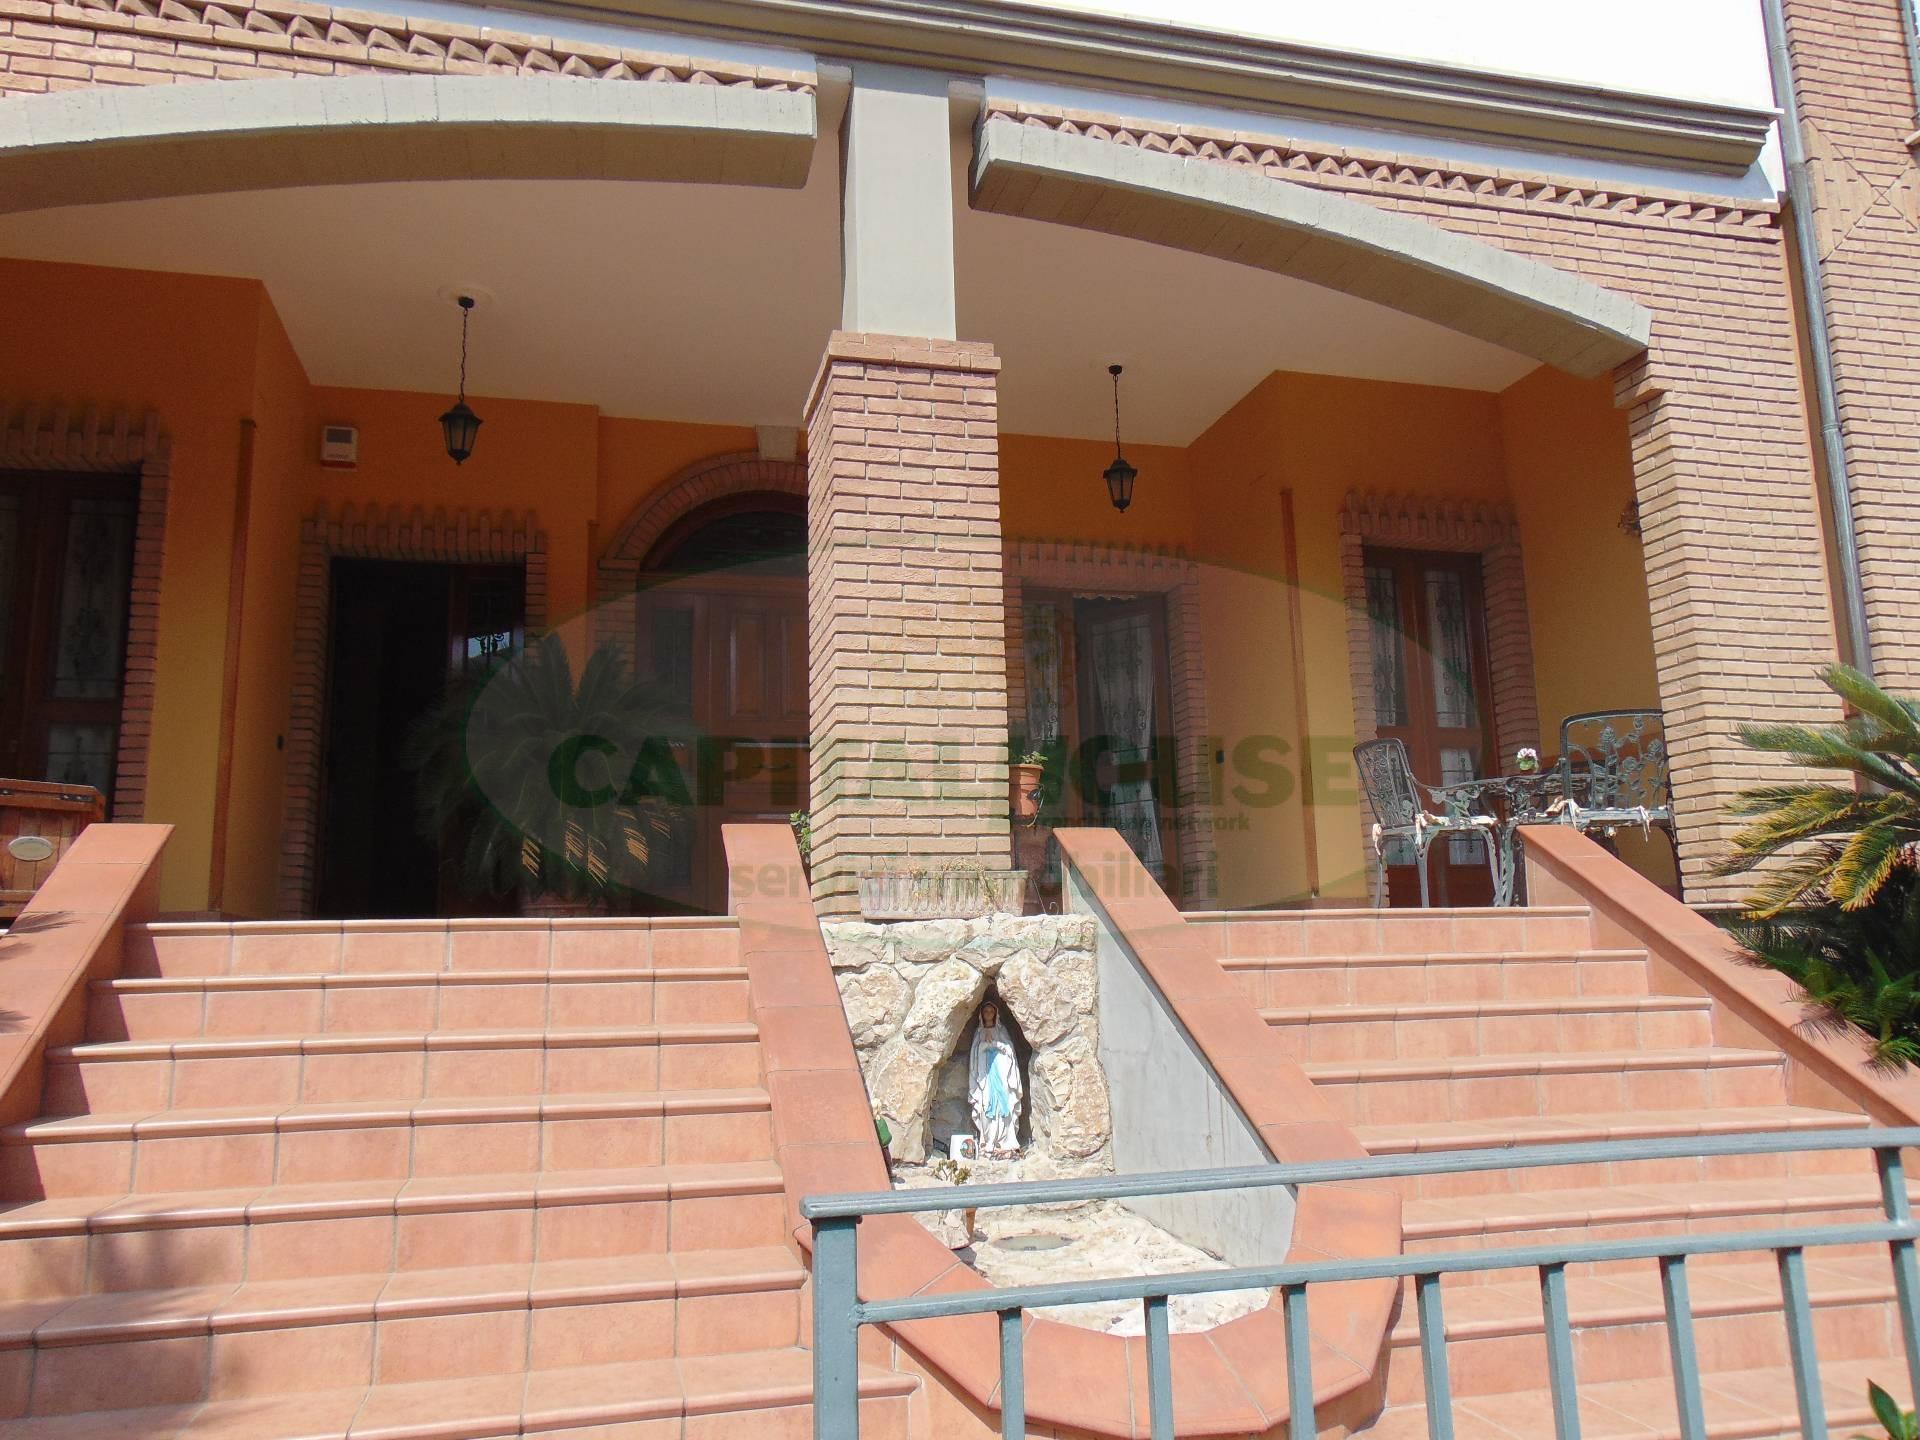 Ufficio / Studio in affitto a Quadrelle, 9999 locali, prezzo € 500 | Cambio Casa.it